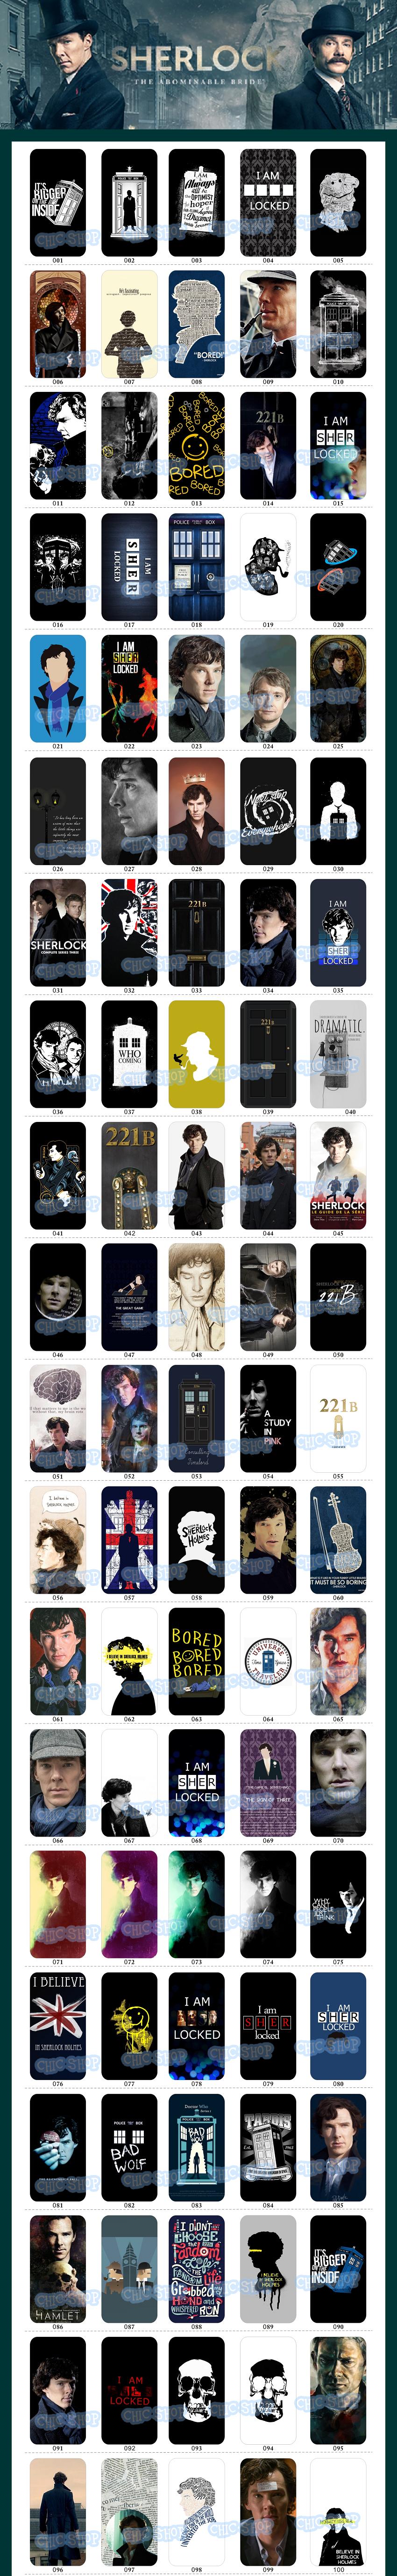 夏洛克 福爾摩斯 手機殼iPhone X 87 Plus 6 6S 5s 三星A7 J7 S6 S7 Note 5